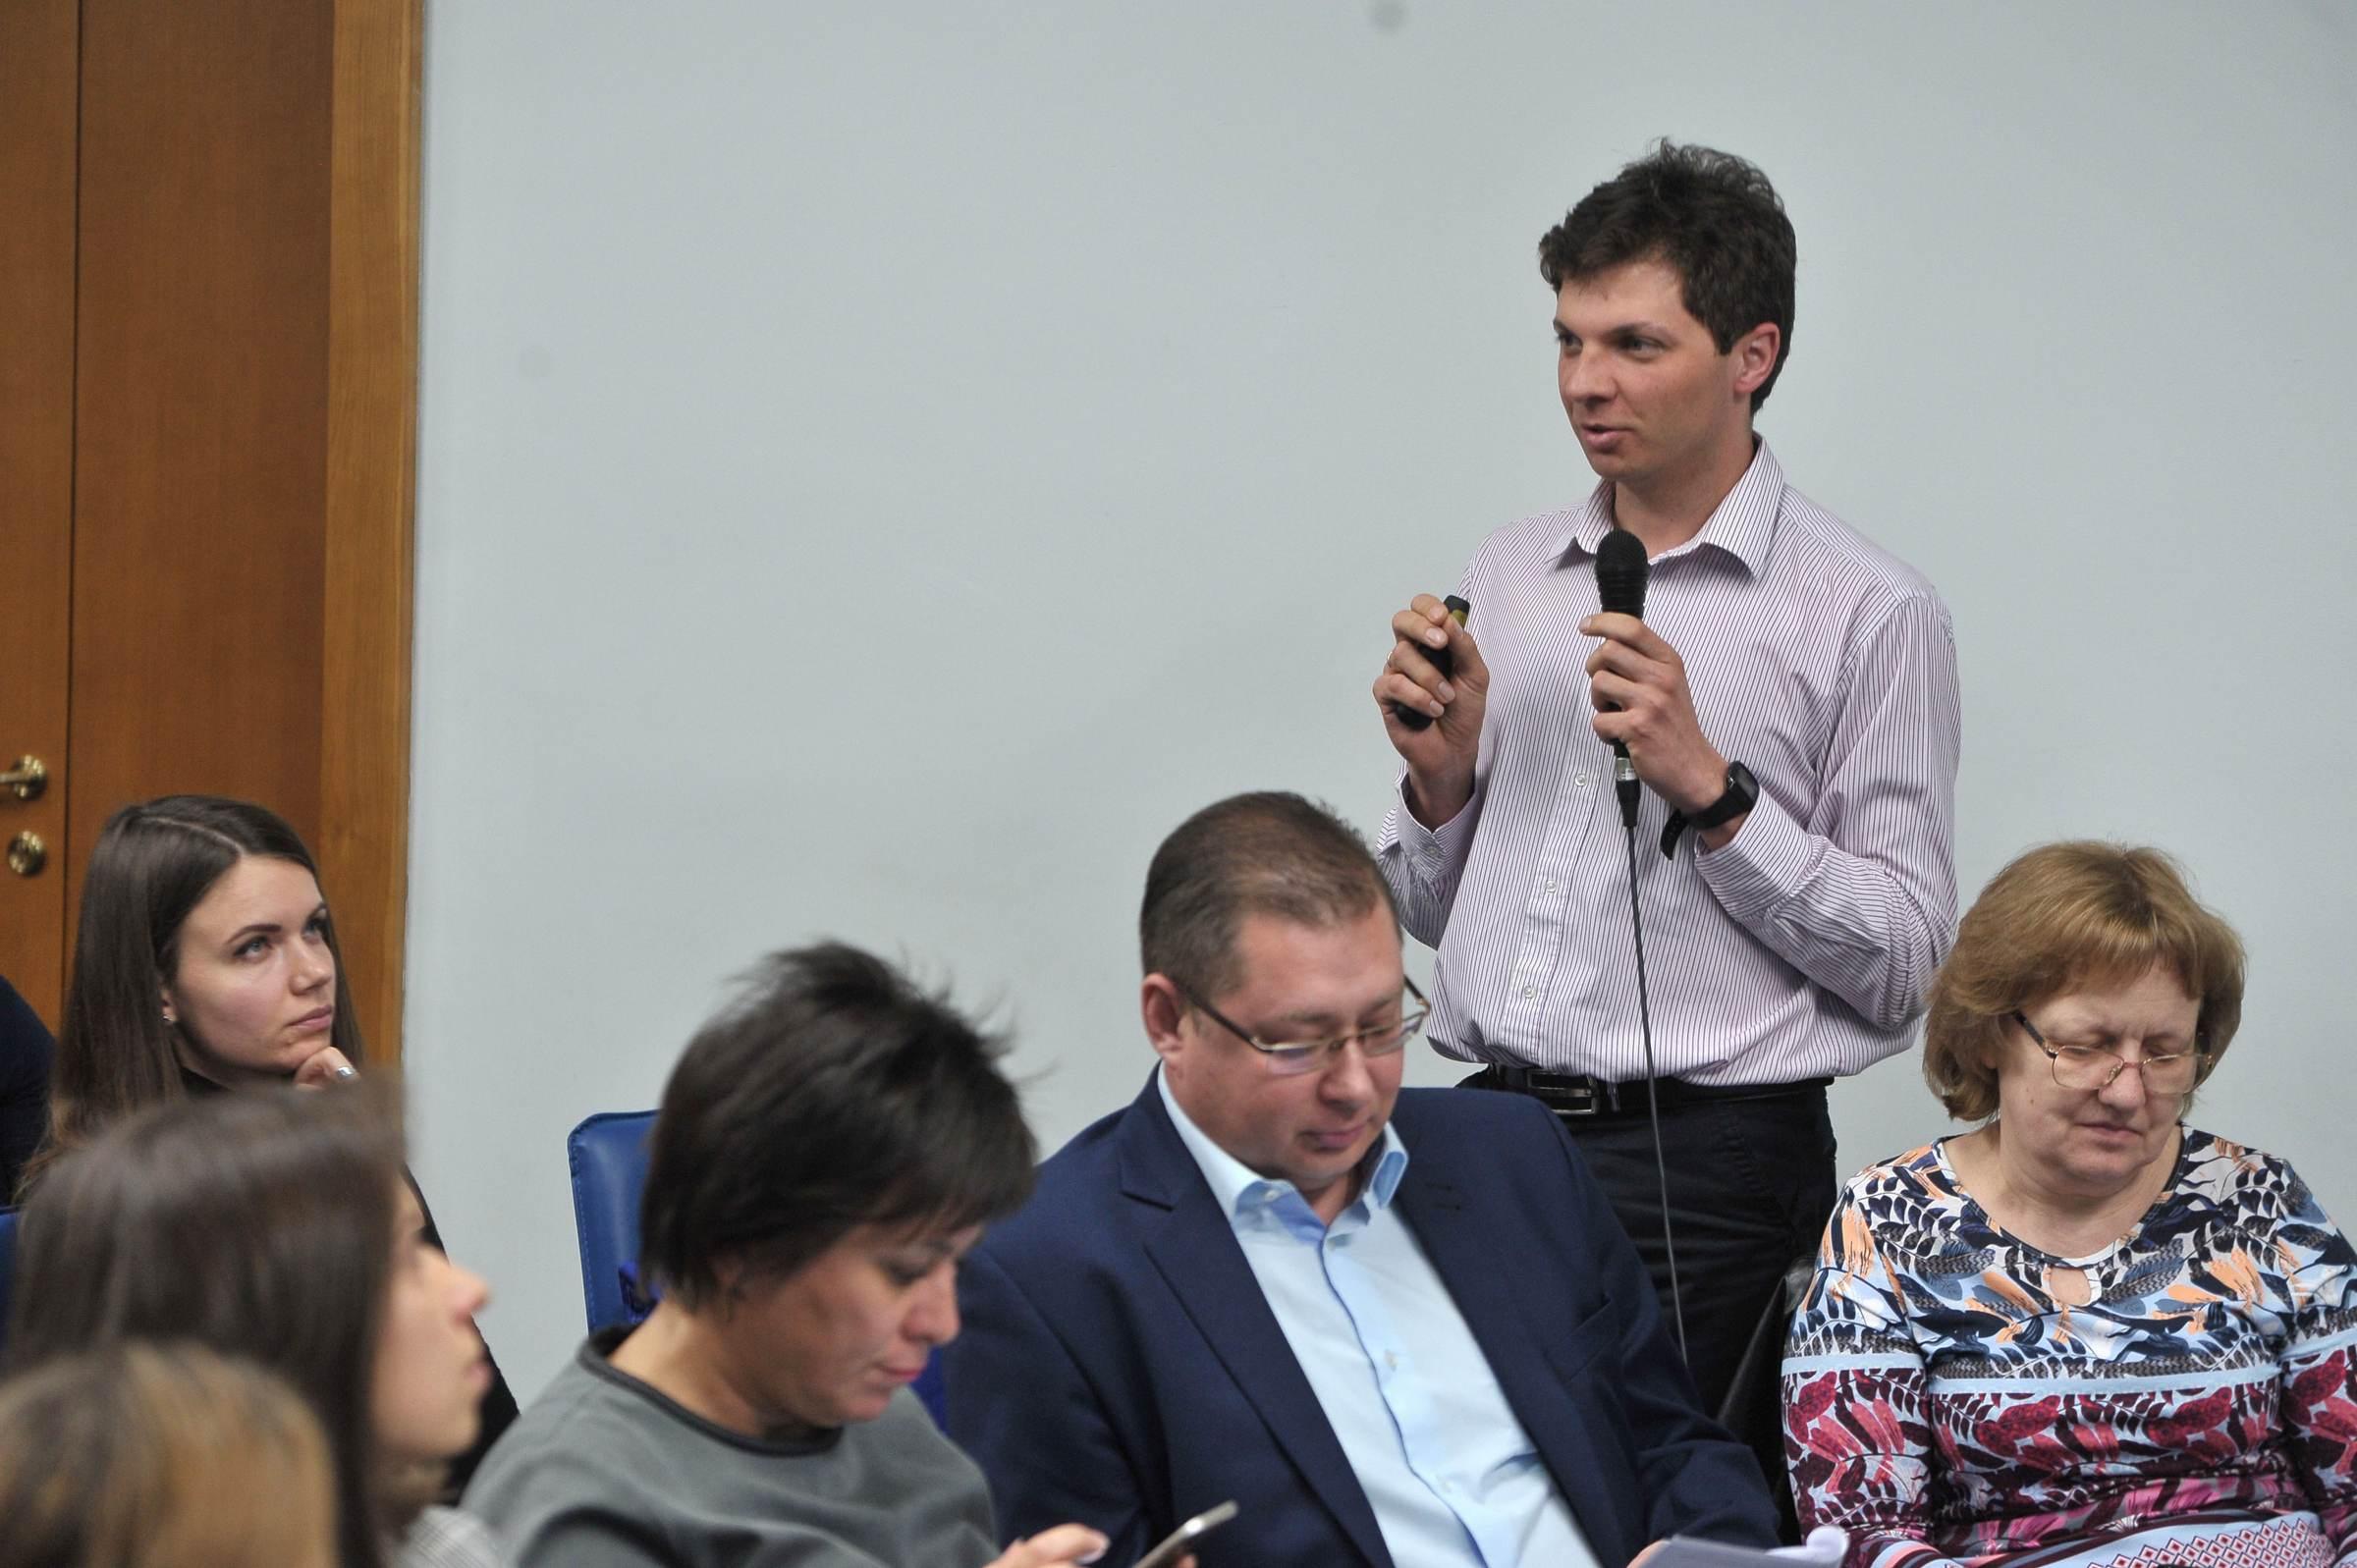 Енергоефективність, як стиль життя обговорили на зустрічі урядової комунікаційної платформи Єдиний голос